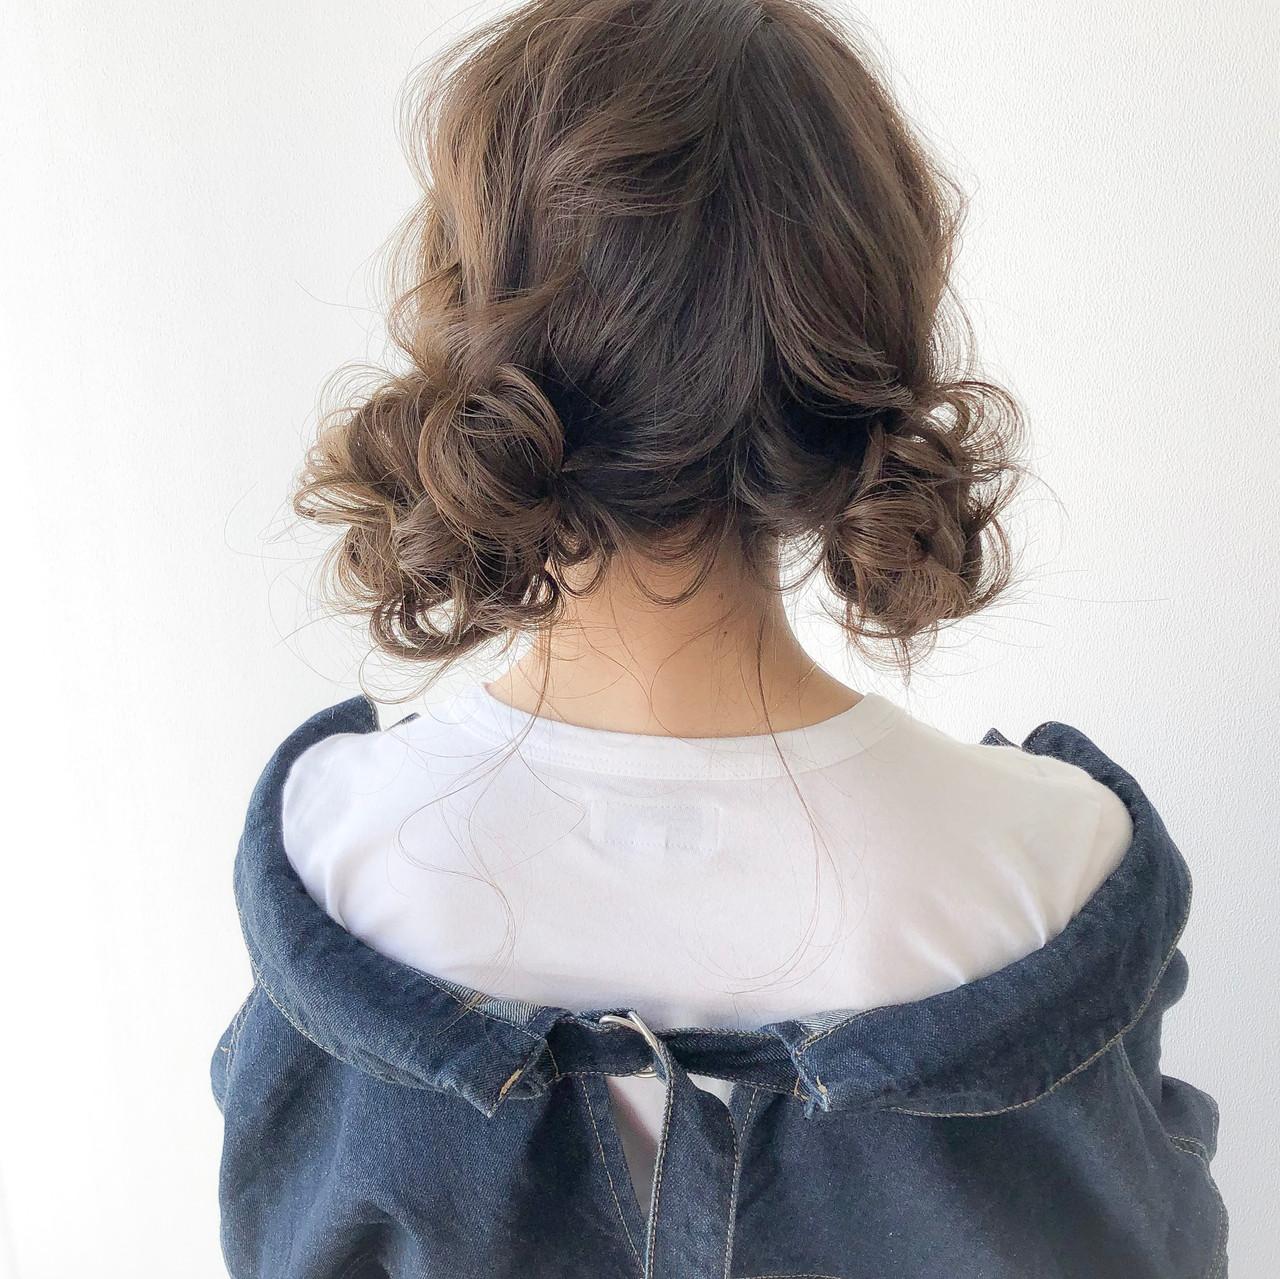 ヘアアレンジ お団子アレンジ ナチュラル セミロングヘアスタイルや髪型の写真・画像